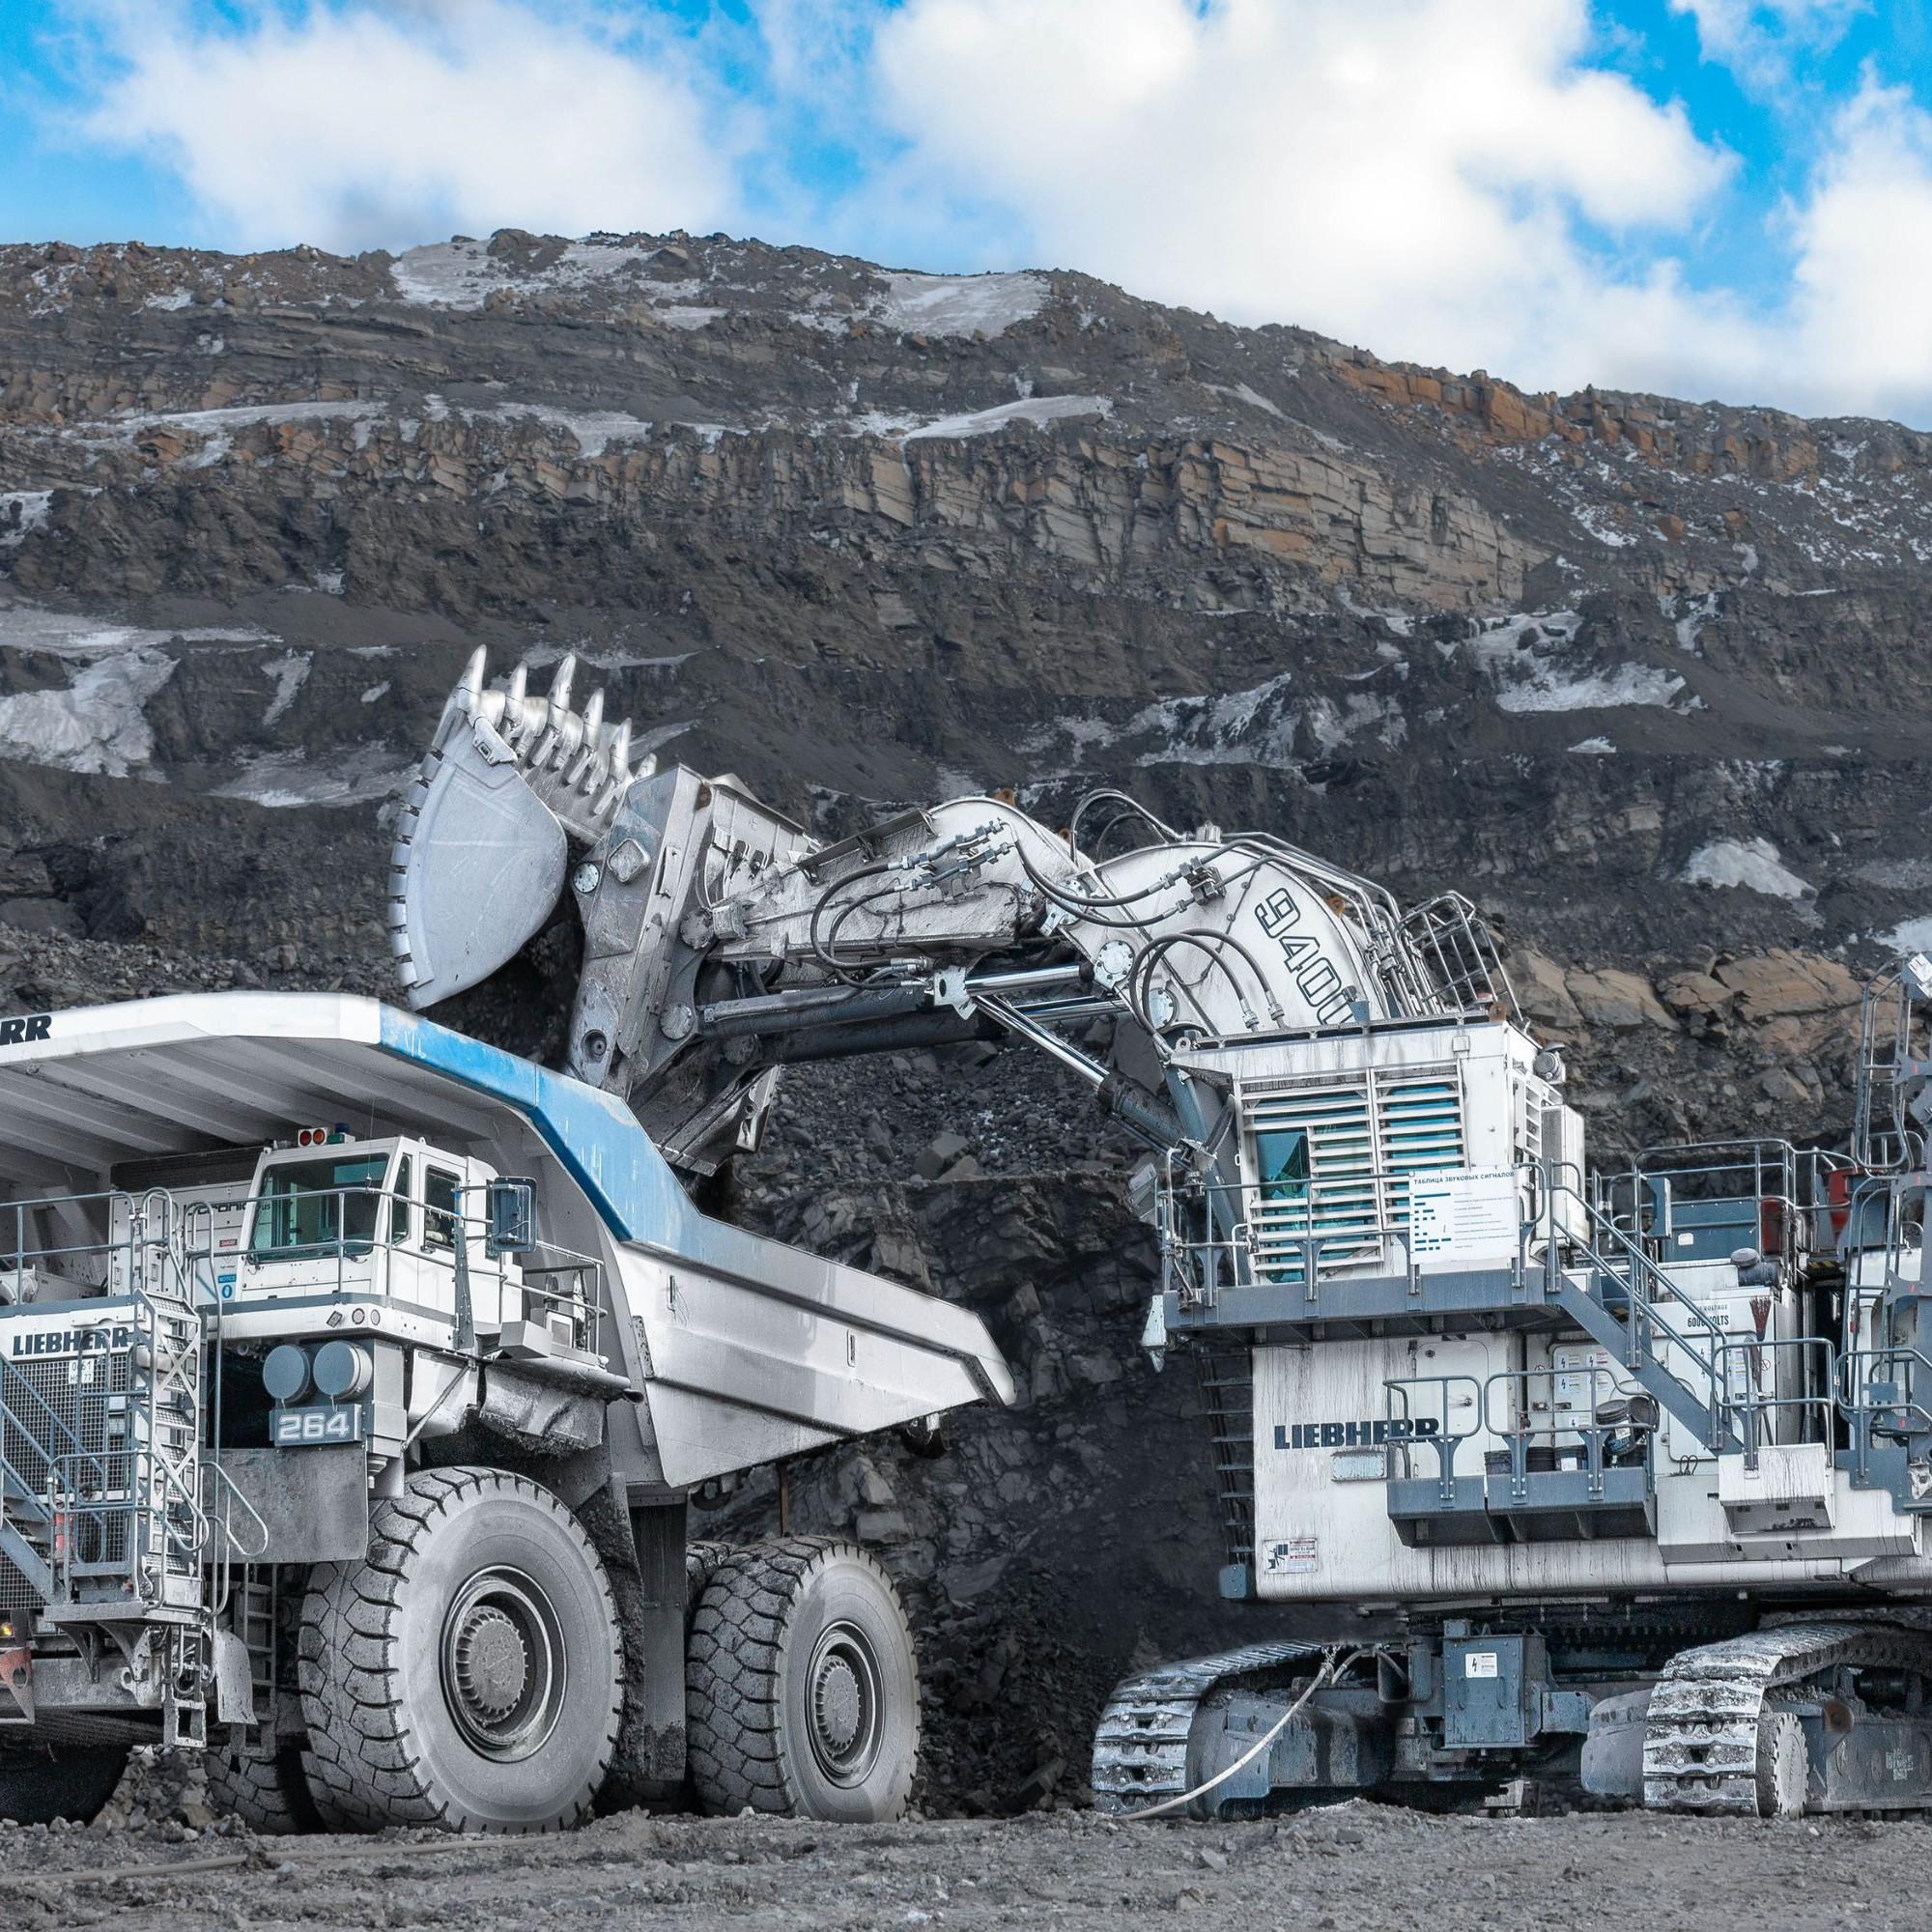 Une pelle minière R 9400 Liebherr charge un camion minier T 264 Liebherr en Russie.